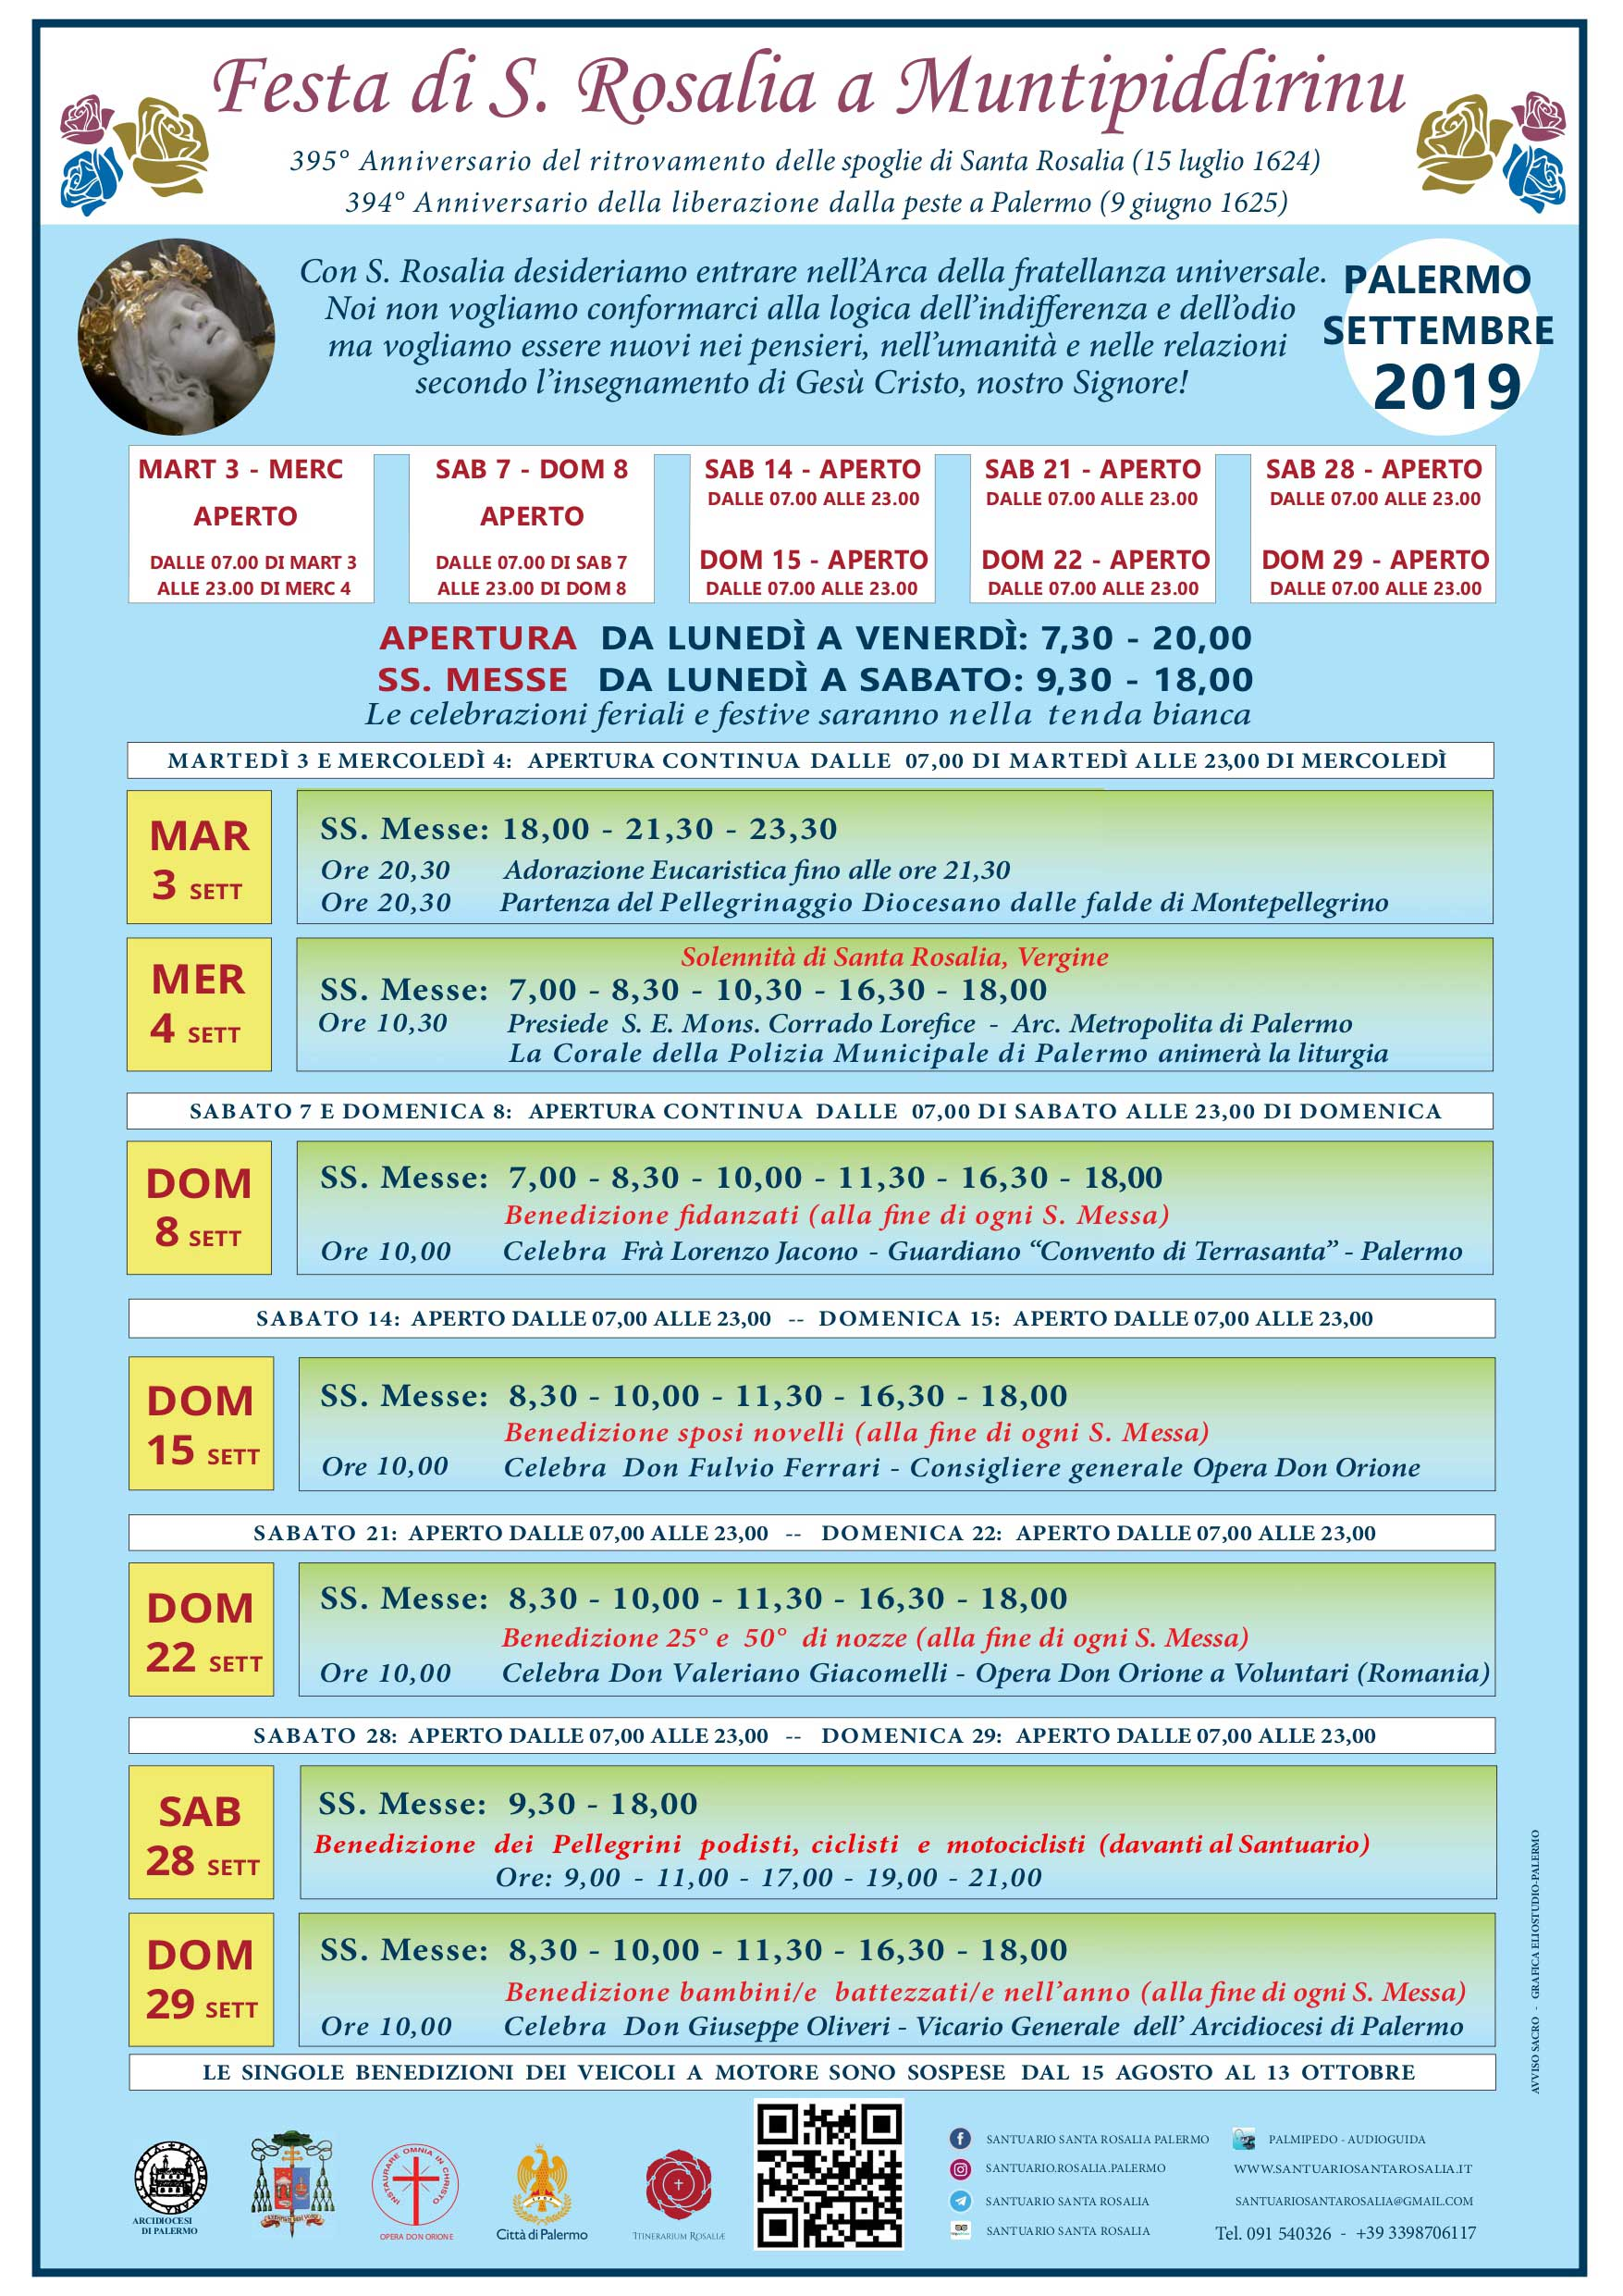 BANNER FESTA2019 OK JPG